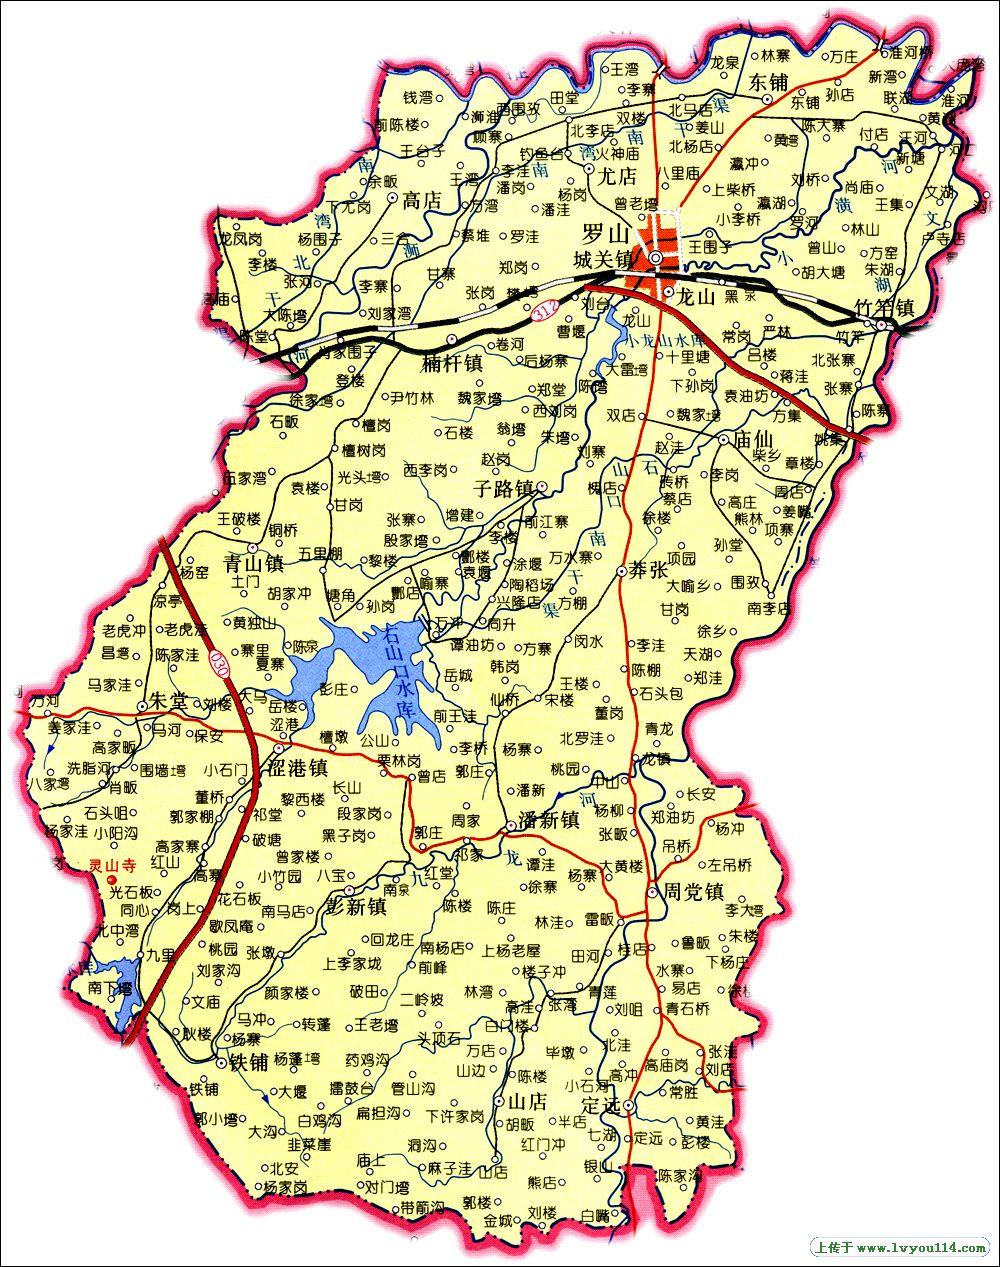 【信阳罗山县地图】河南省信阳罗山县地图查询,信阳县